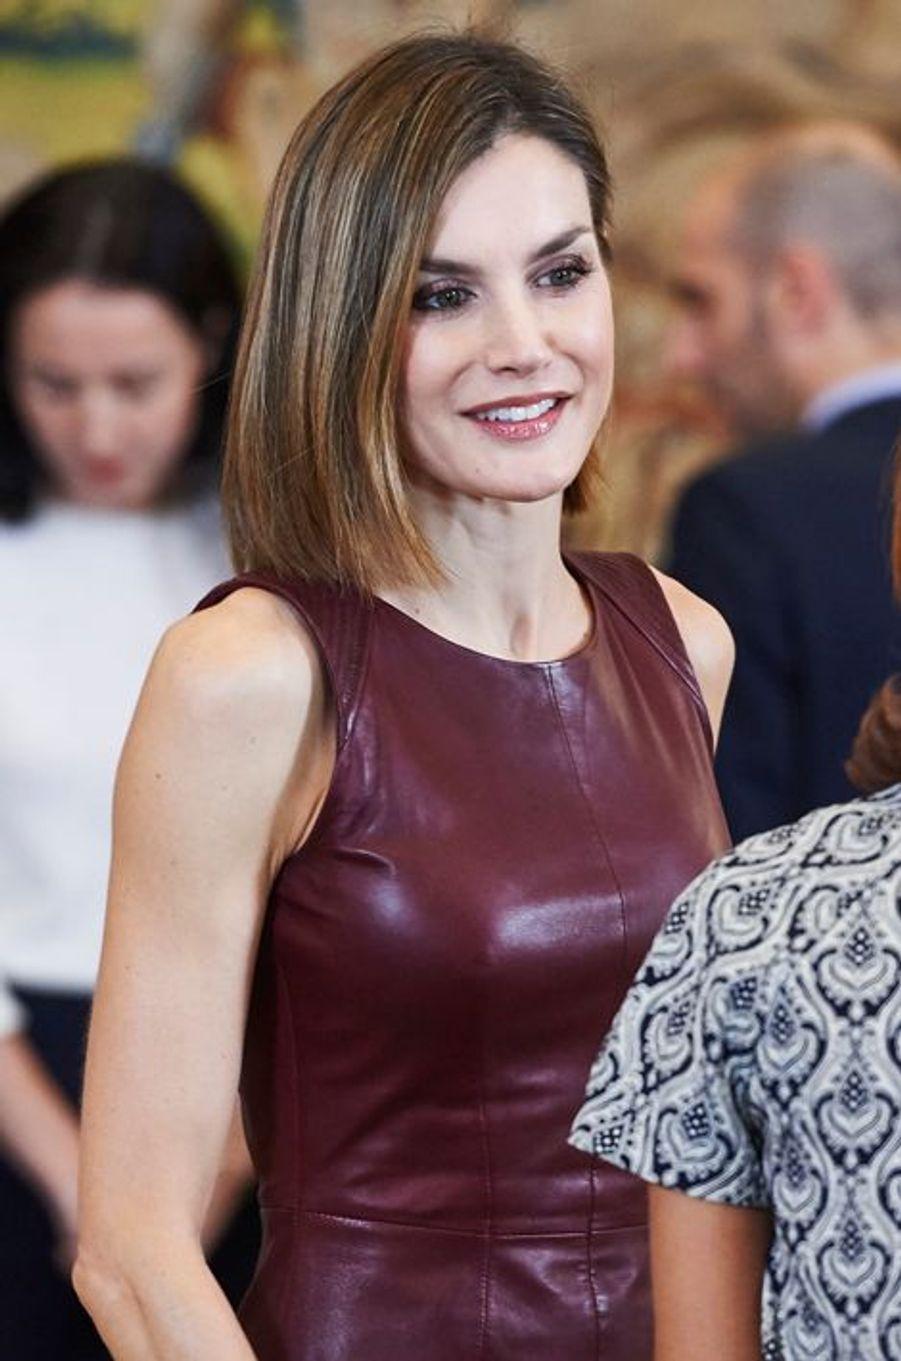 La reine Letizia d'Espagne au Palais de la Zarzuella à Madrid, le 30 octobre 2015